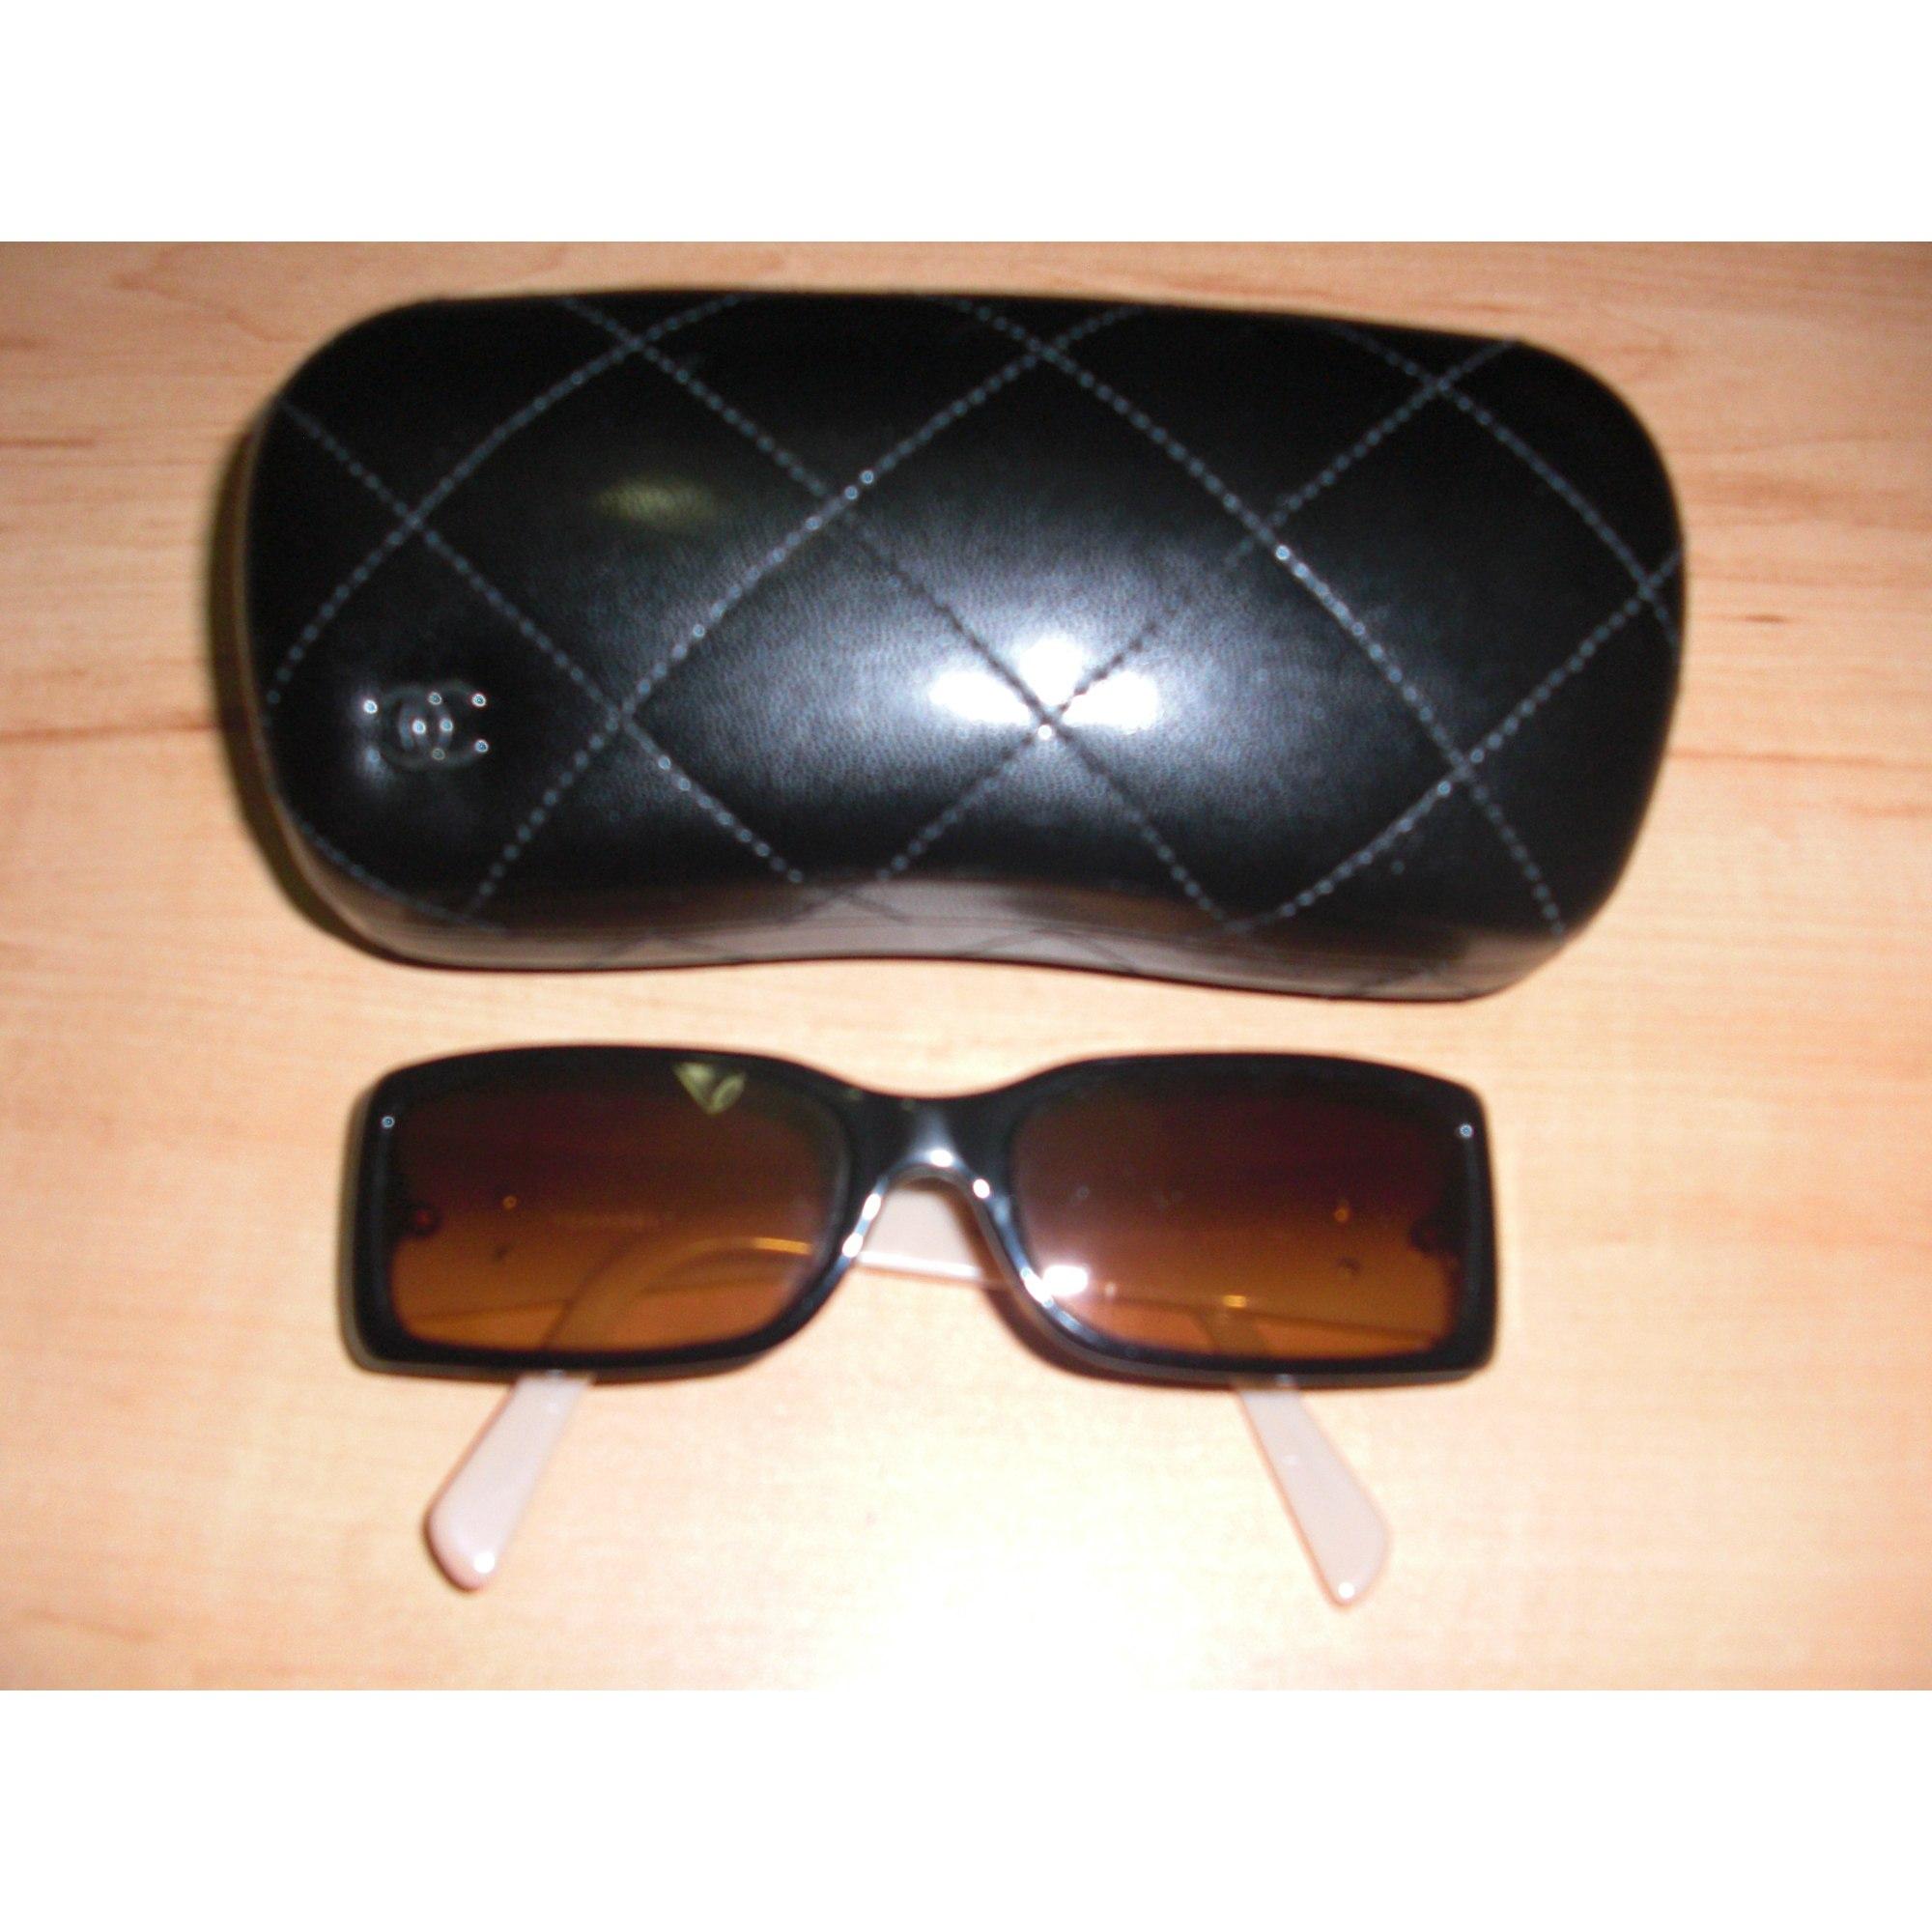 Lunettes de soleil CHANEL noir vendu par Julietteg. - 371574 e6ded66a6629